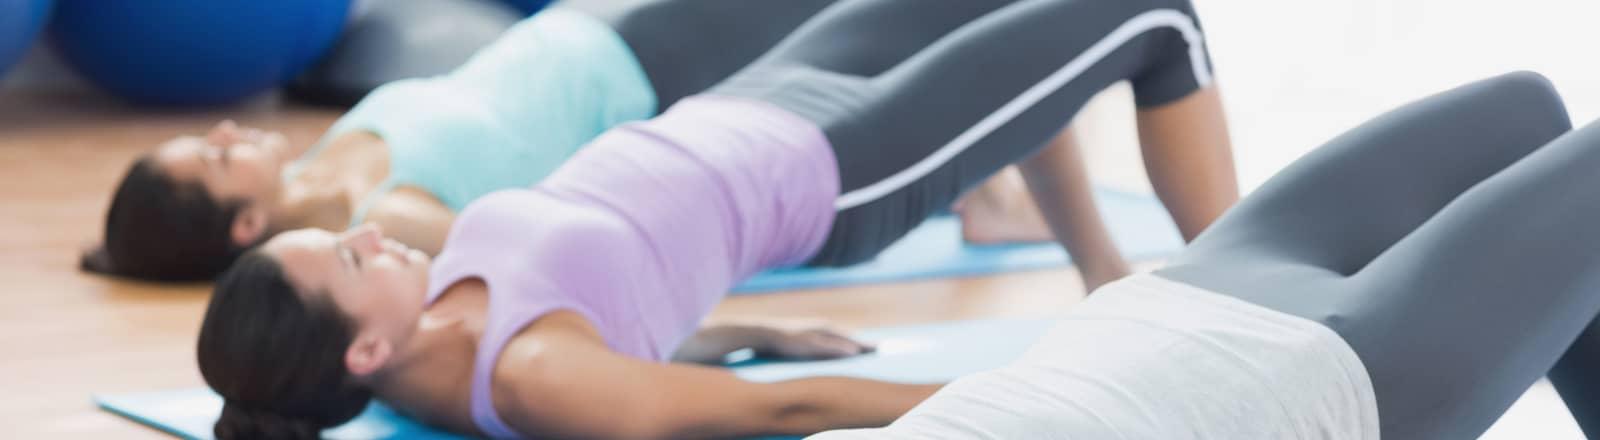 grupos y clases de yoga